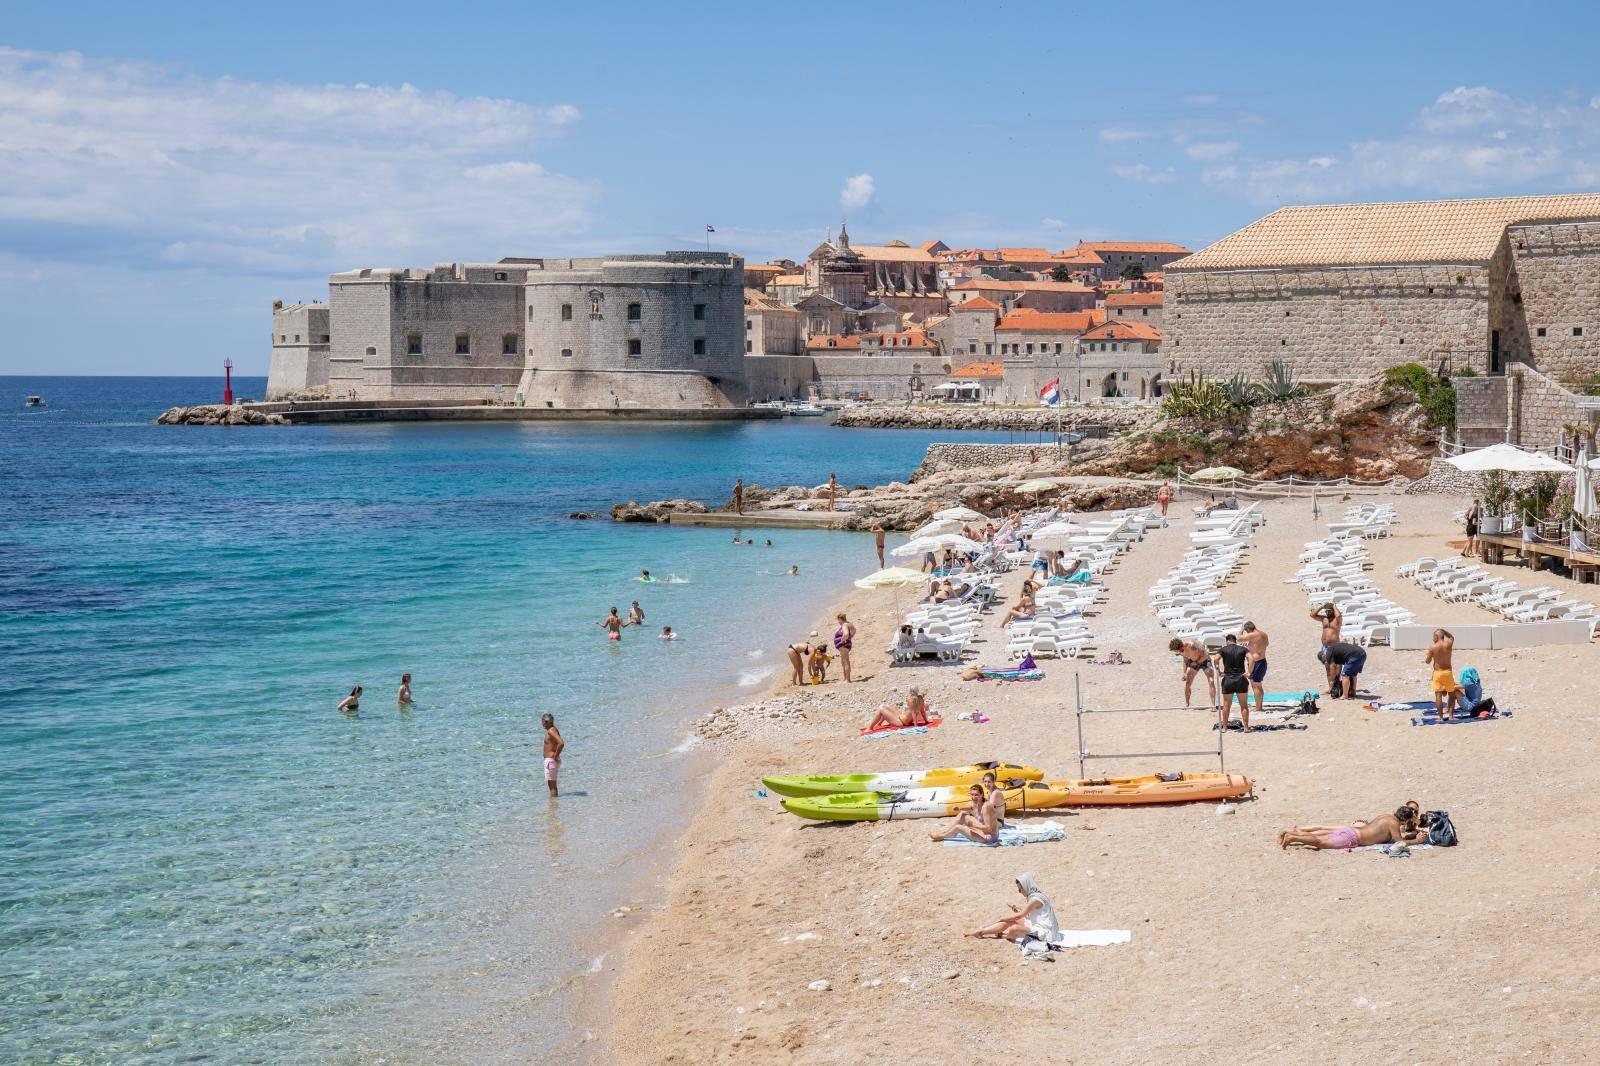 Prvog dana ljeta Dubrovnik nije ni približno popunjen turistima